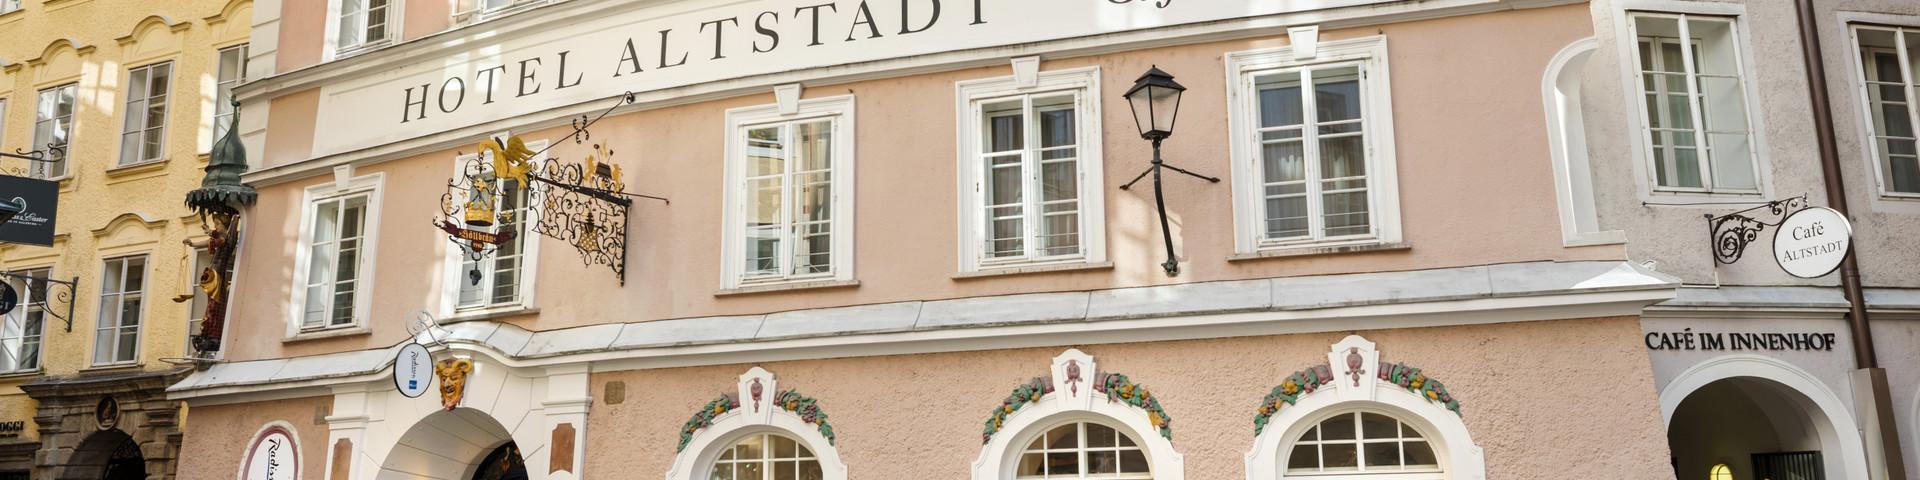 Radisson Blu Hotel Altstadt - Aussenansicht © Austria Trend Hotels